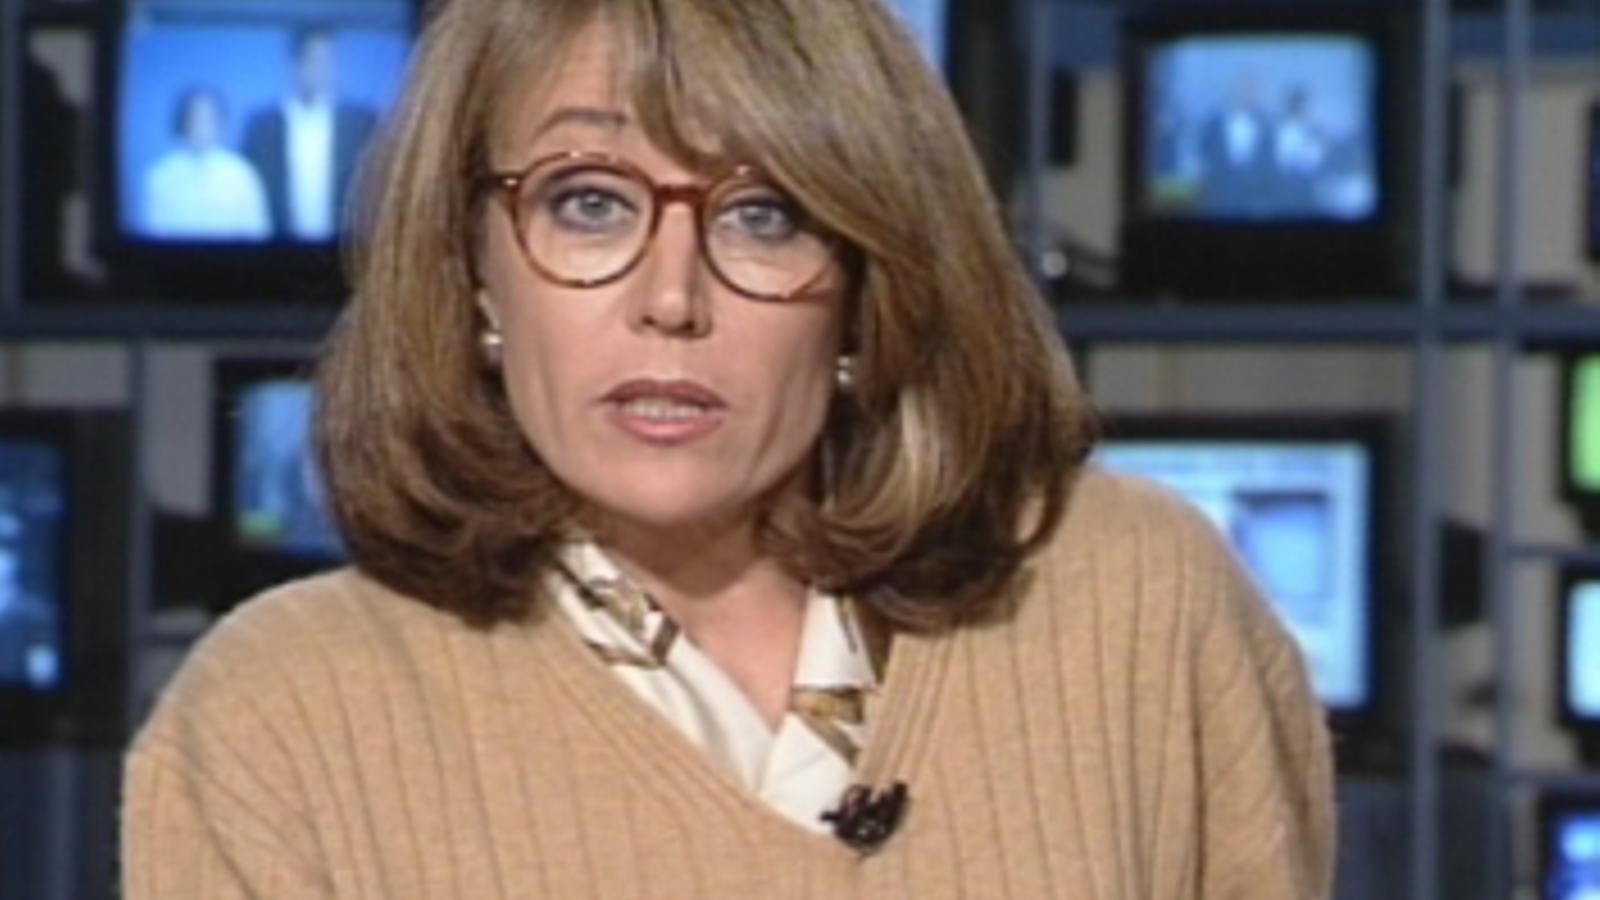 Rosa María Mateo, nova administradora provisional de RTVE